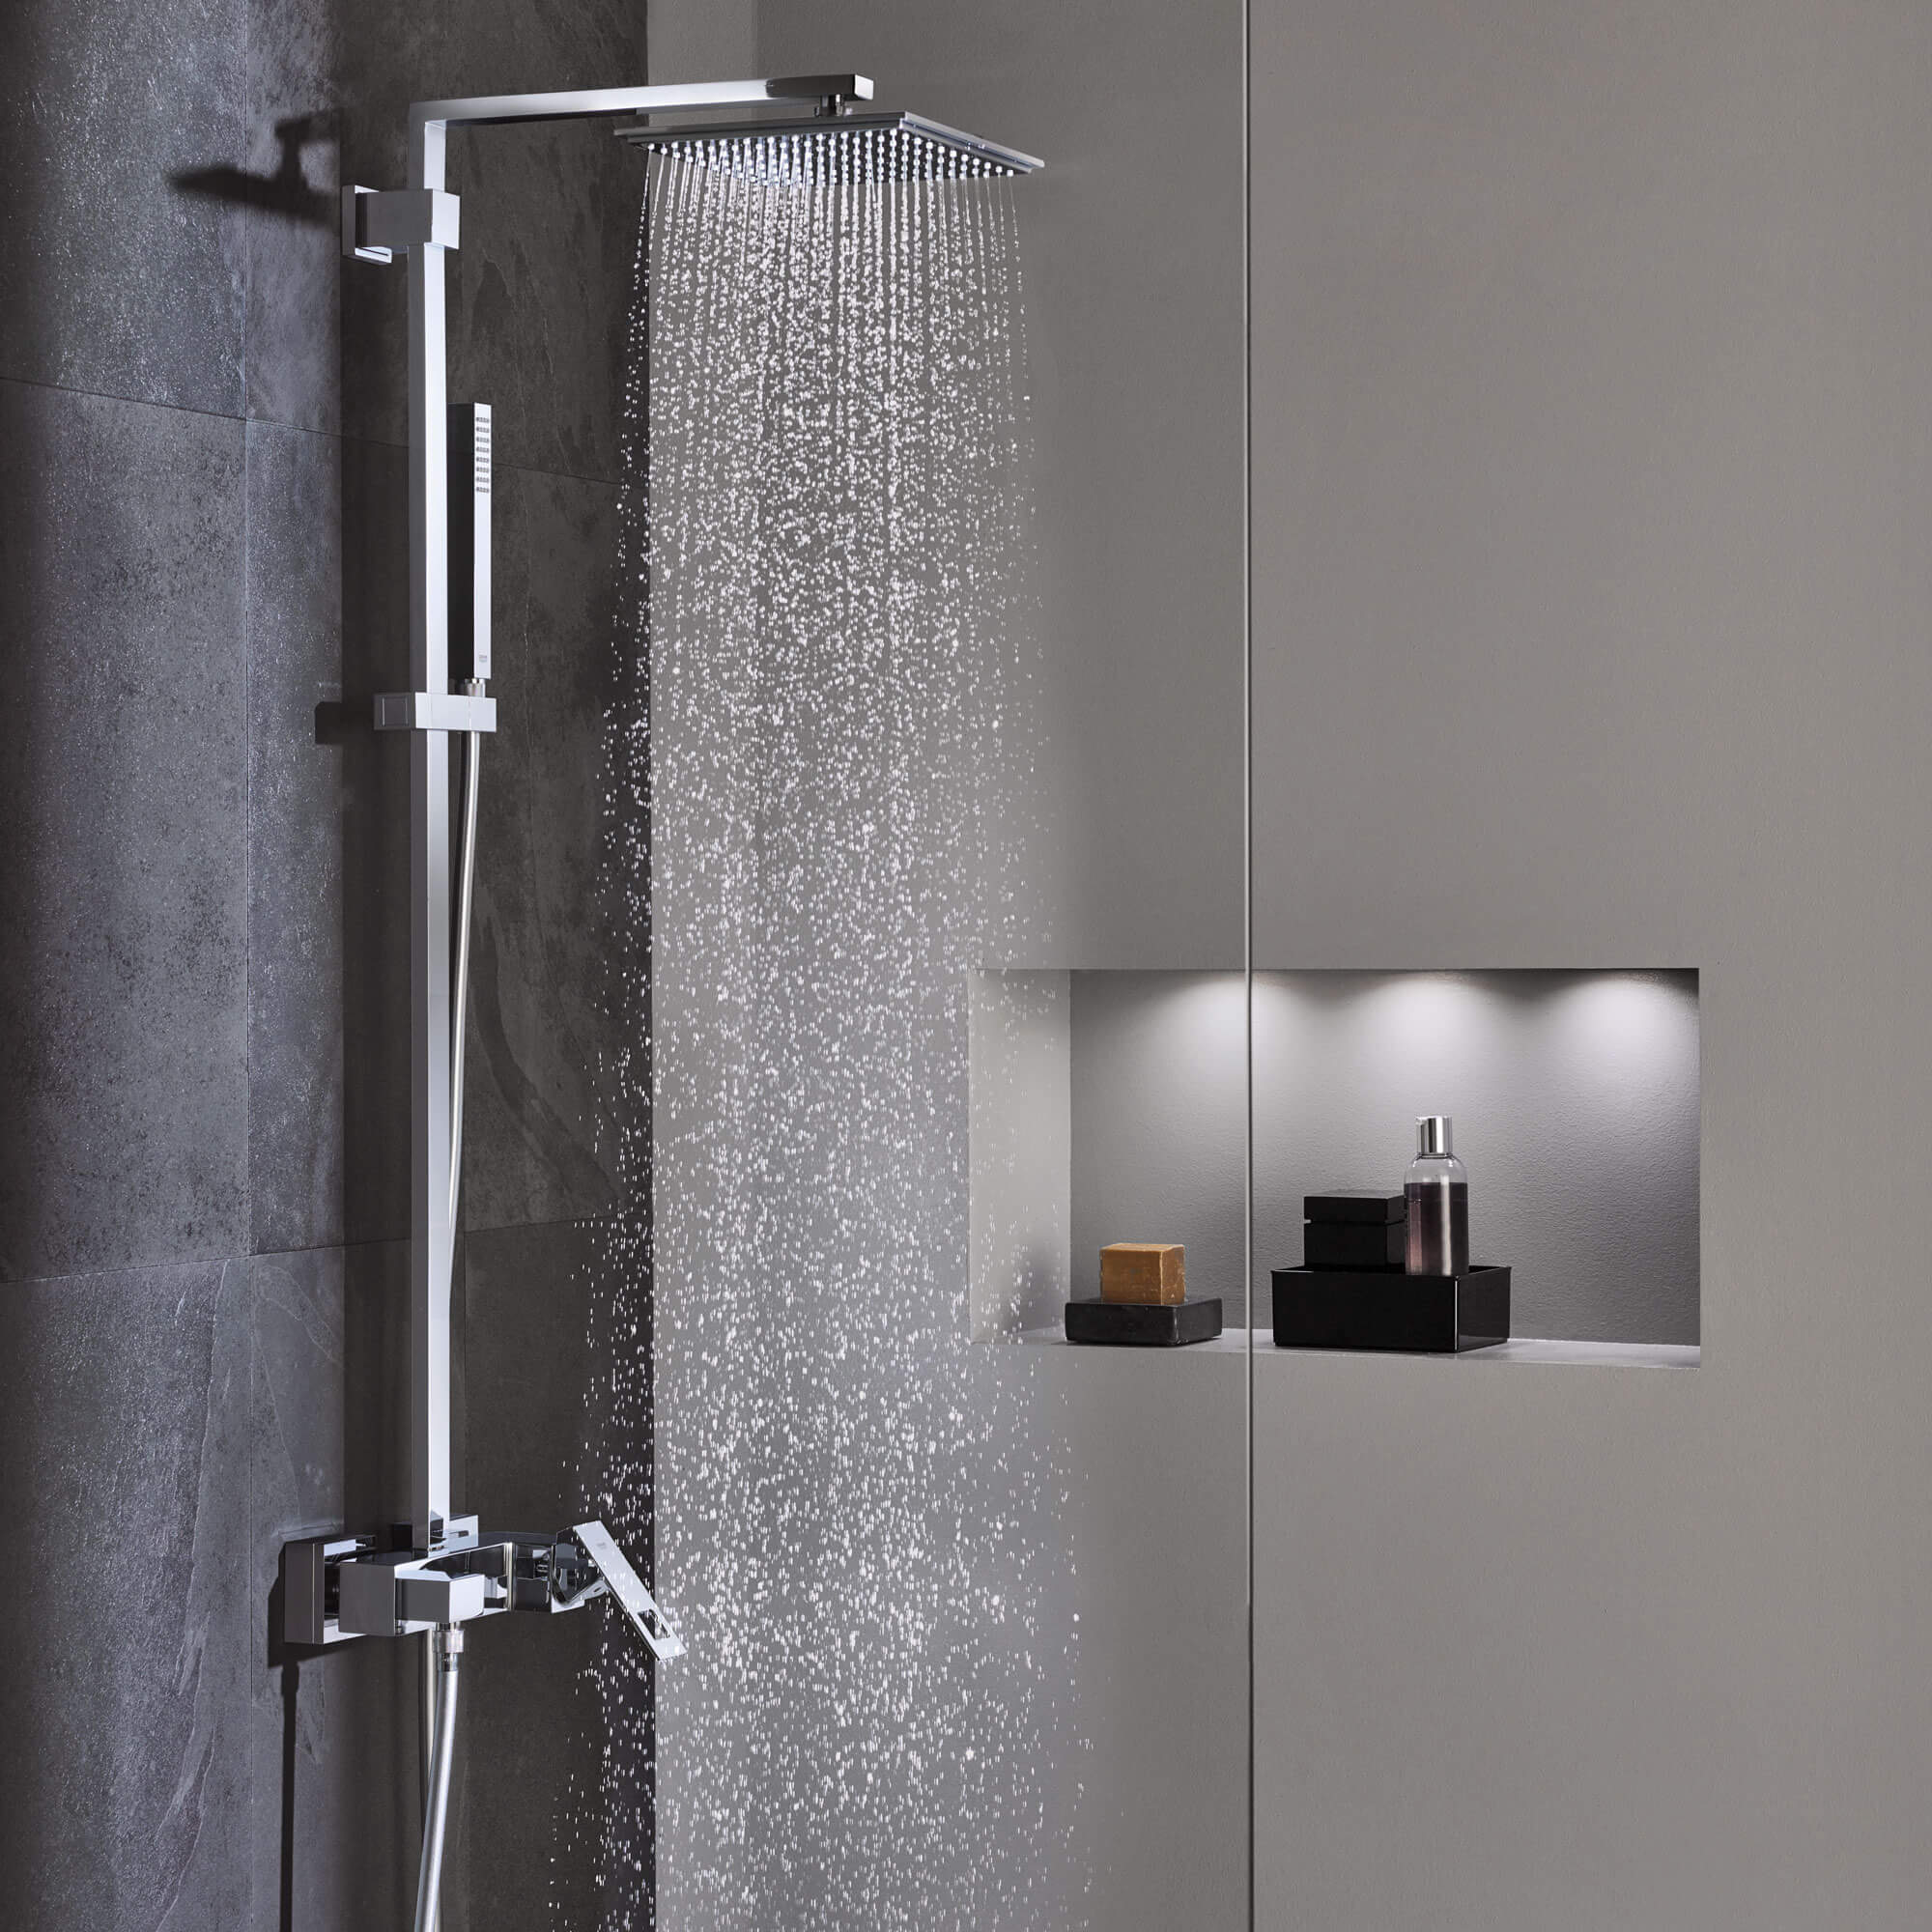 Euphoria cube shower spraying water.